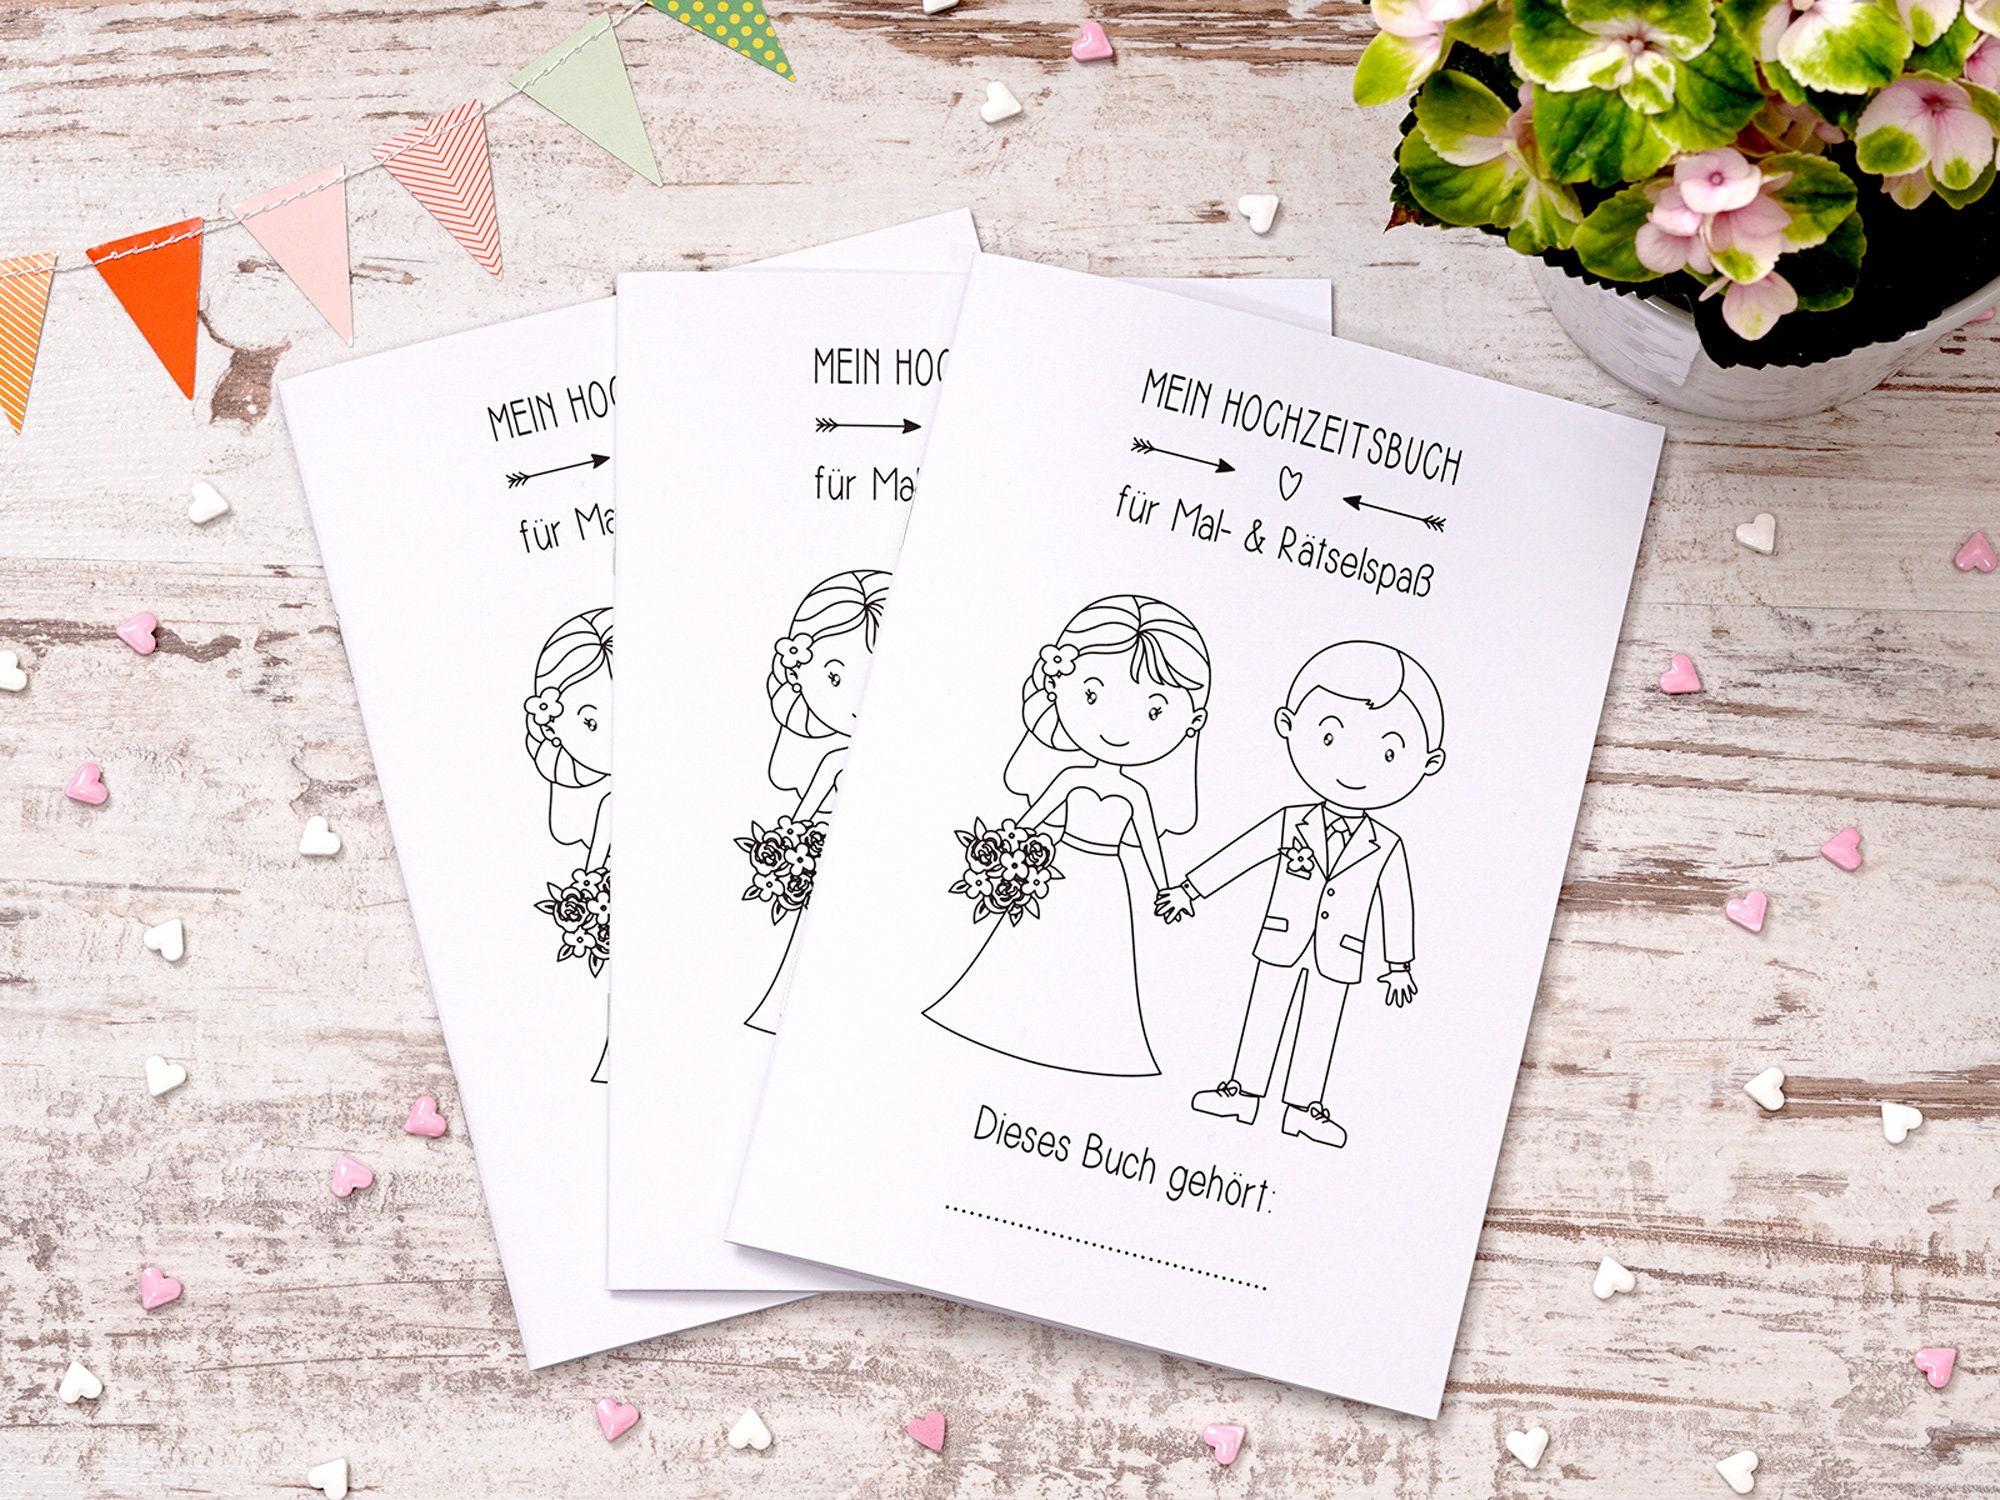 Ideen Fur Kinder Beschaftigung Auf Hochzeit Hochzeitsblog The